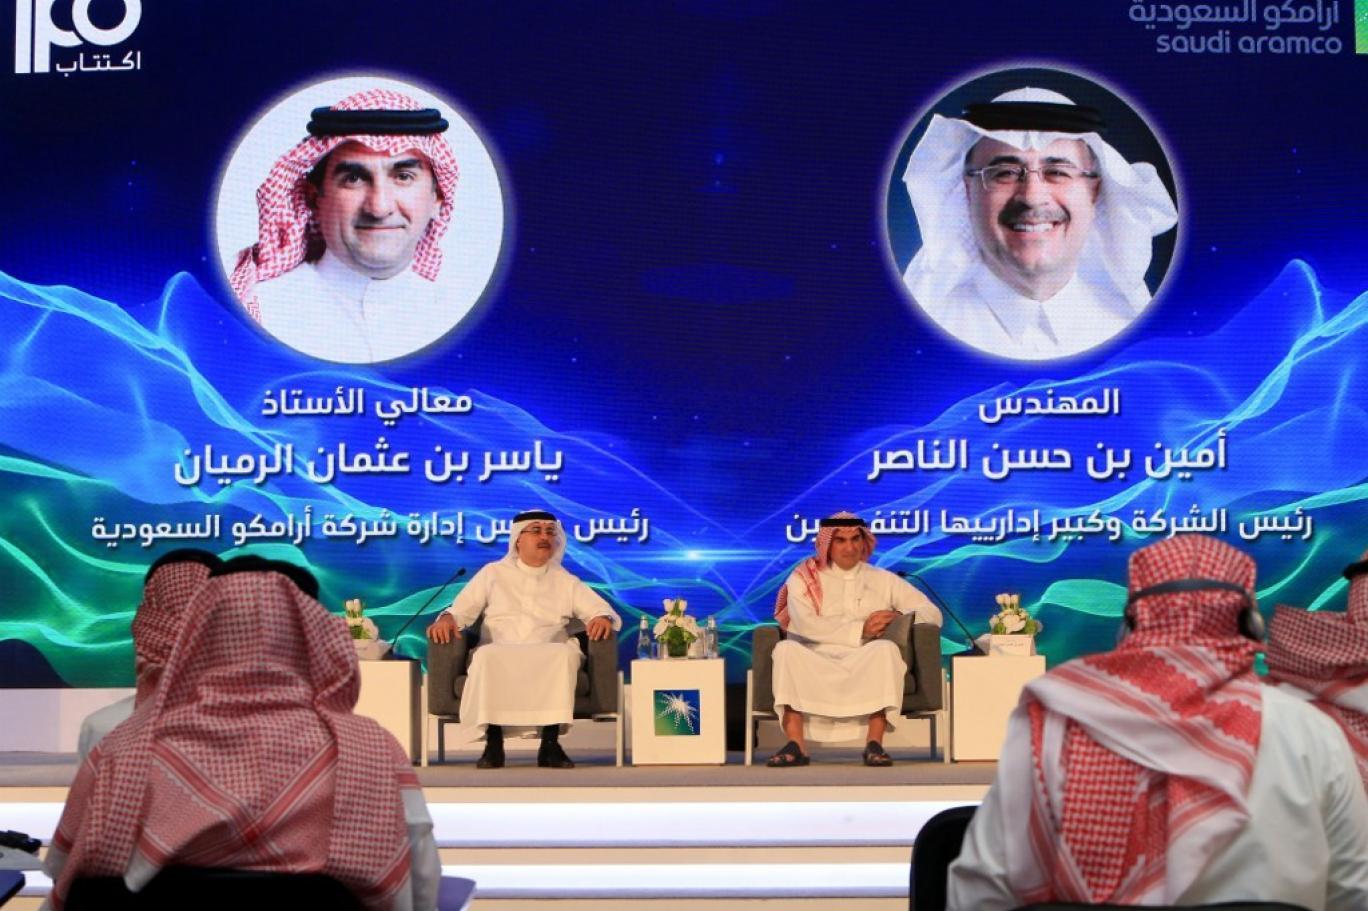 هيئة سوق المال السعودية توافق على طرح أسهم أرامكو للاكتتاب العام اندبندنت عربية